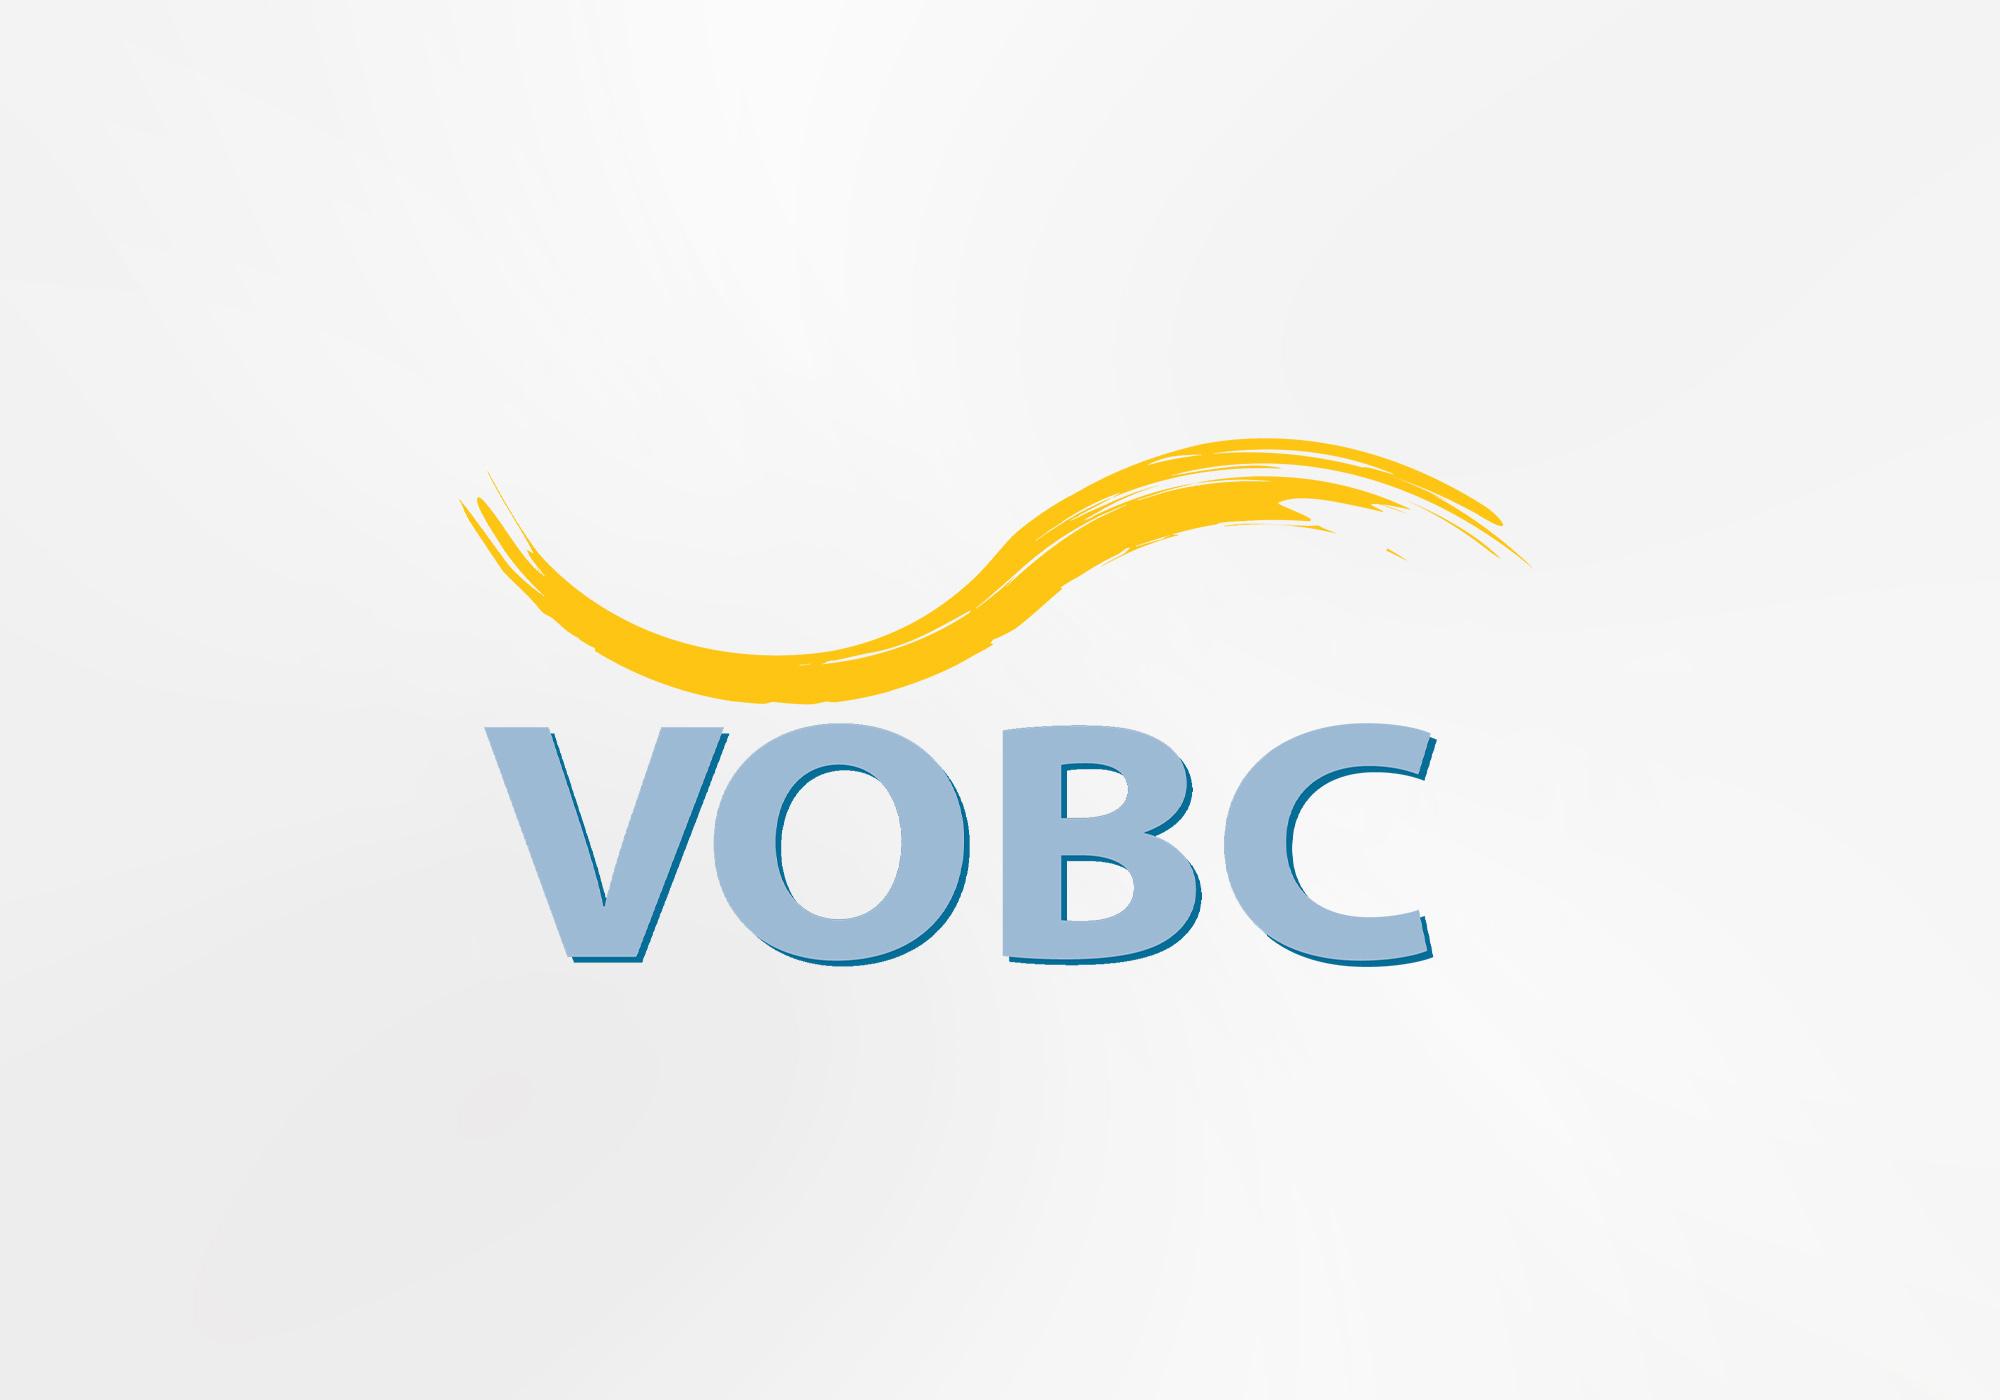 logo-vobc-enduredesign